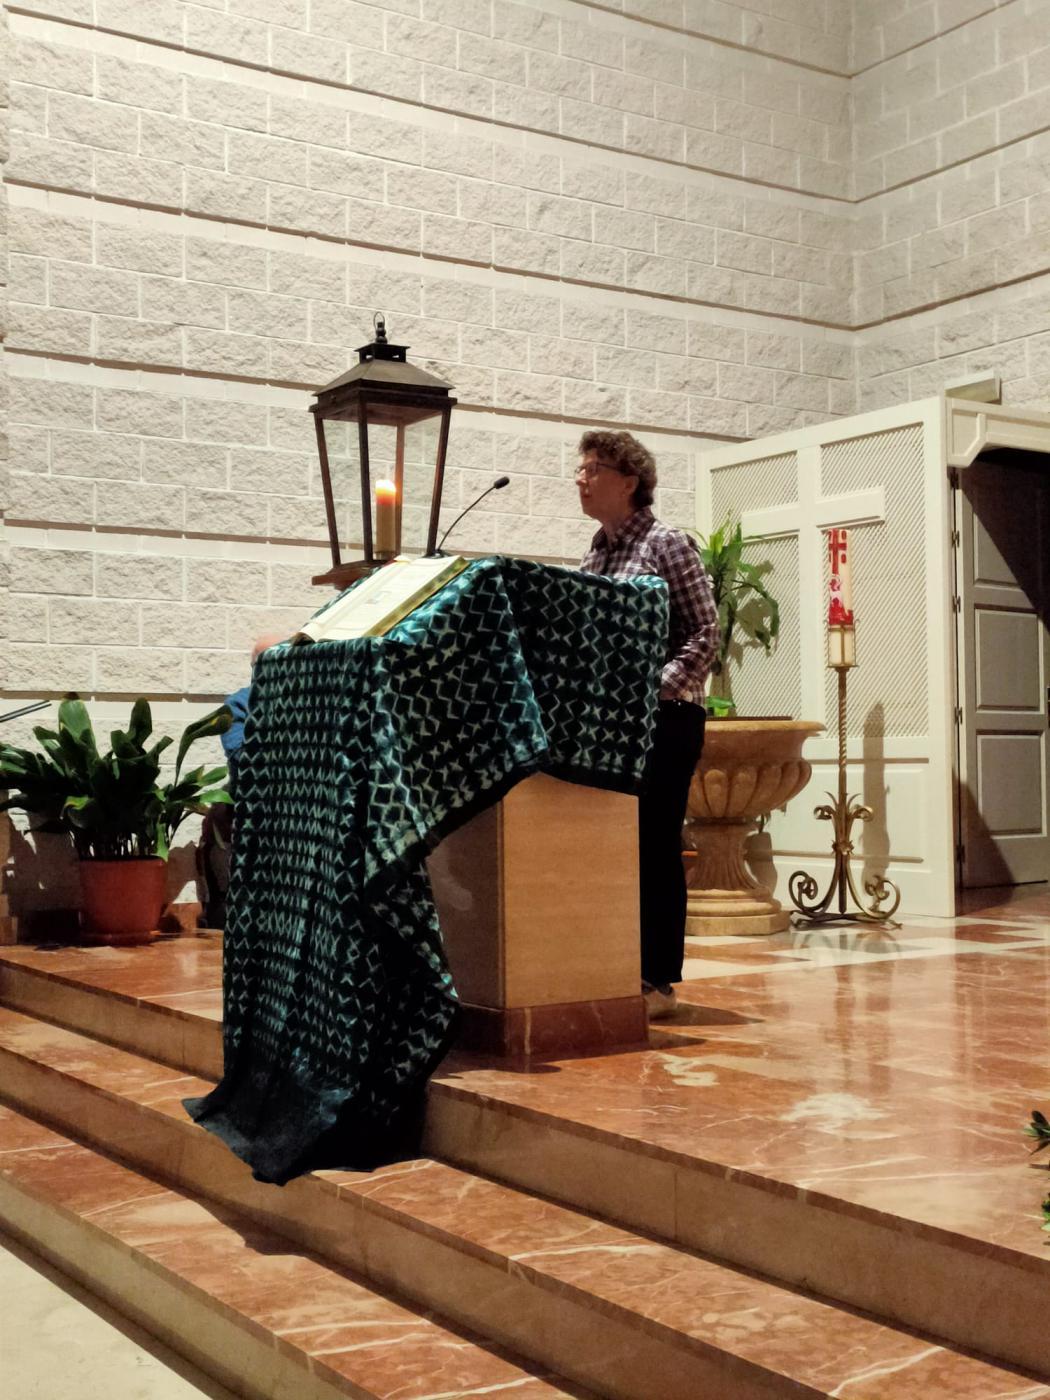 Vigilia de Oración en la parroquia Santa Maria Madre de Dios